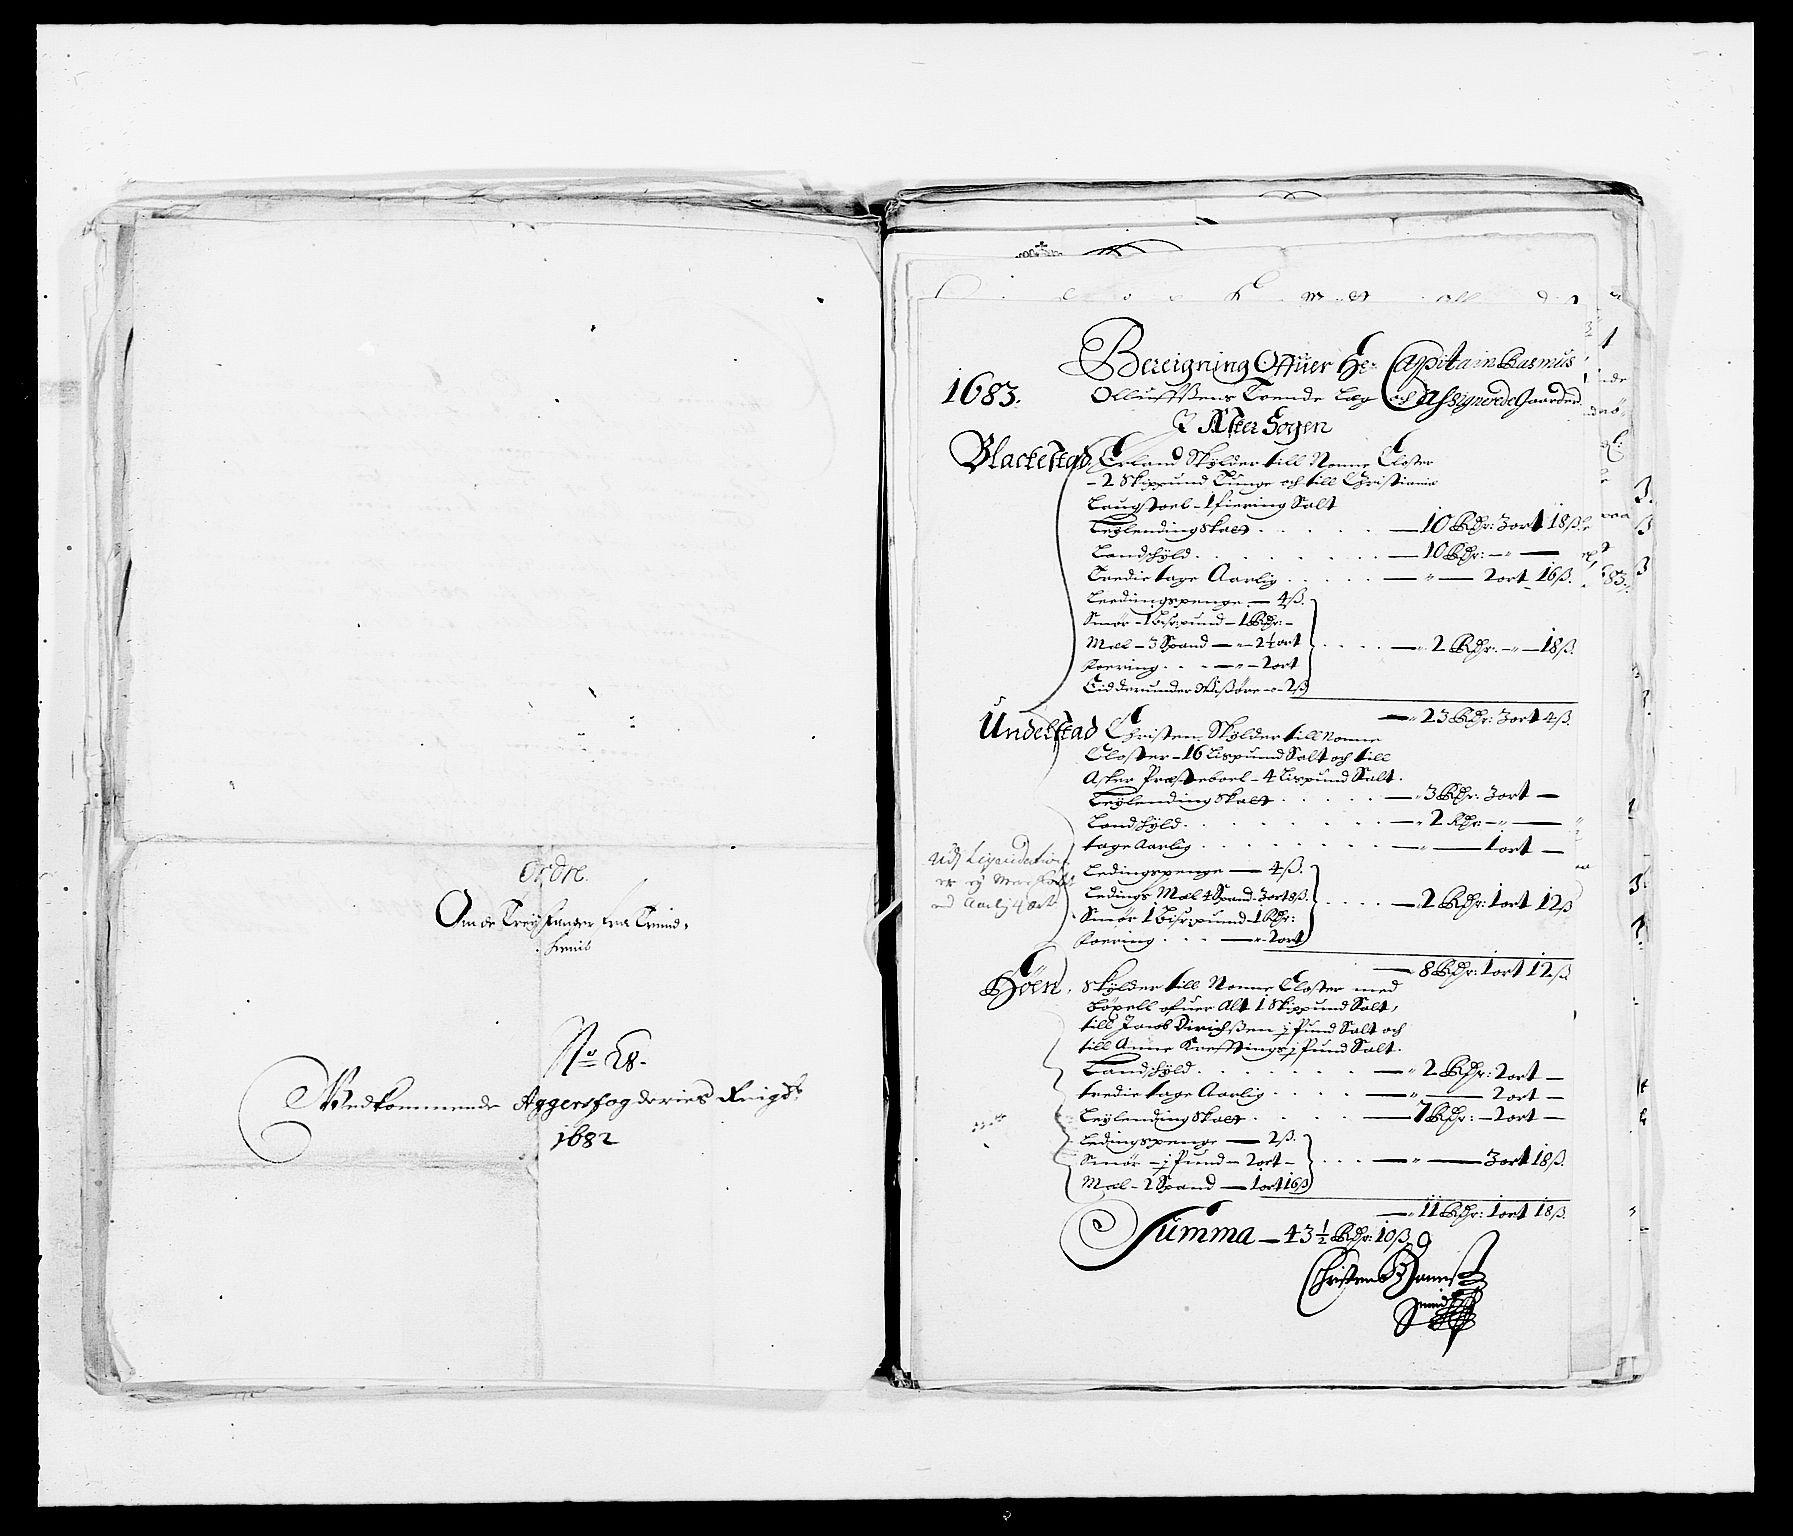 RA, Rentekammeret inntil 1814, Reviderte regnskaper, Fogderegnskap, R08/L0424: Fogderegnskap Aker, 1682-1689, s. 45